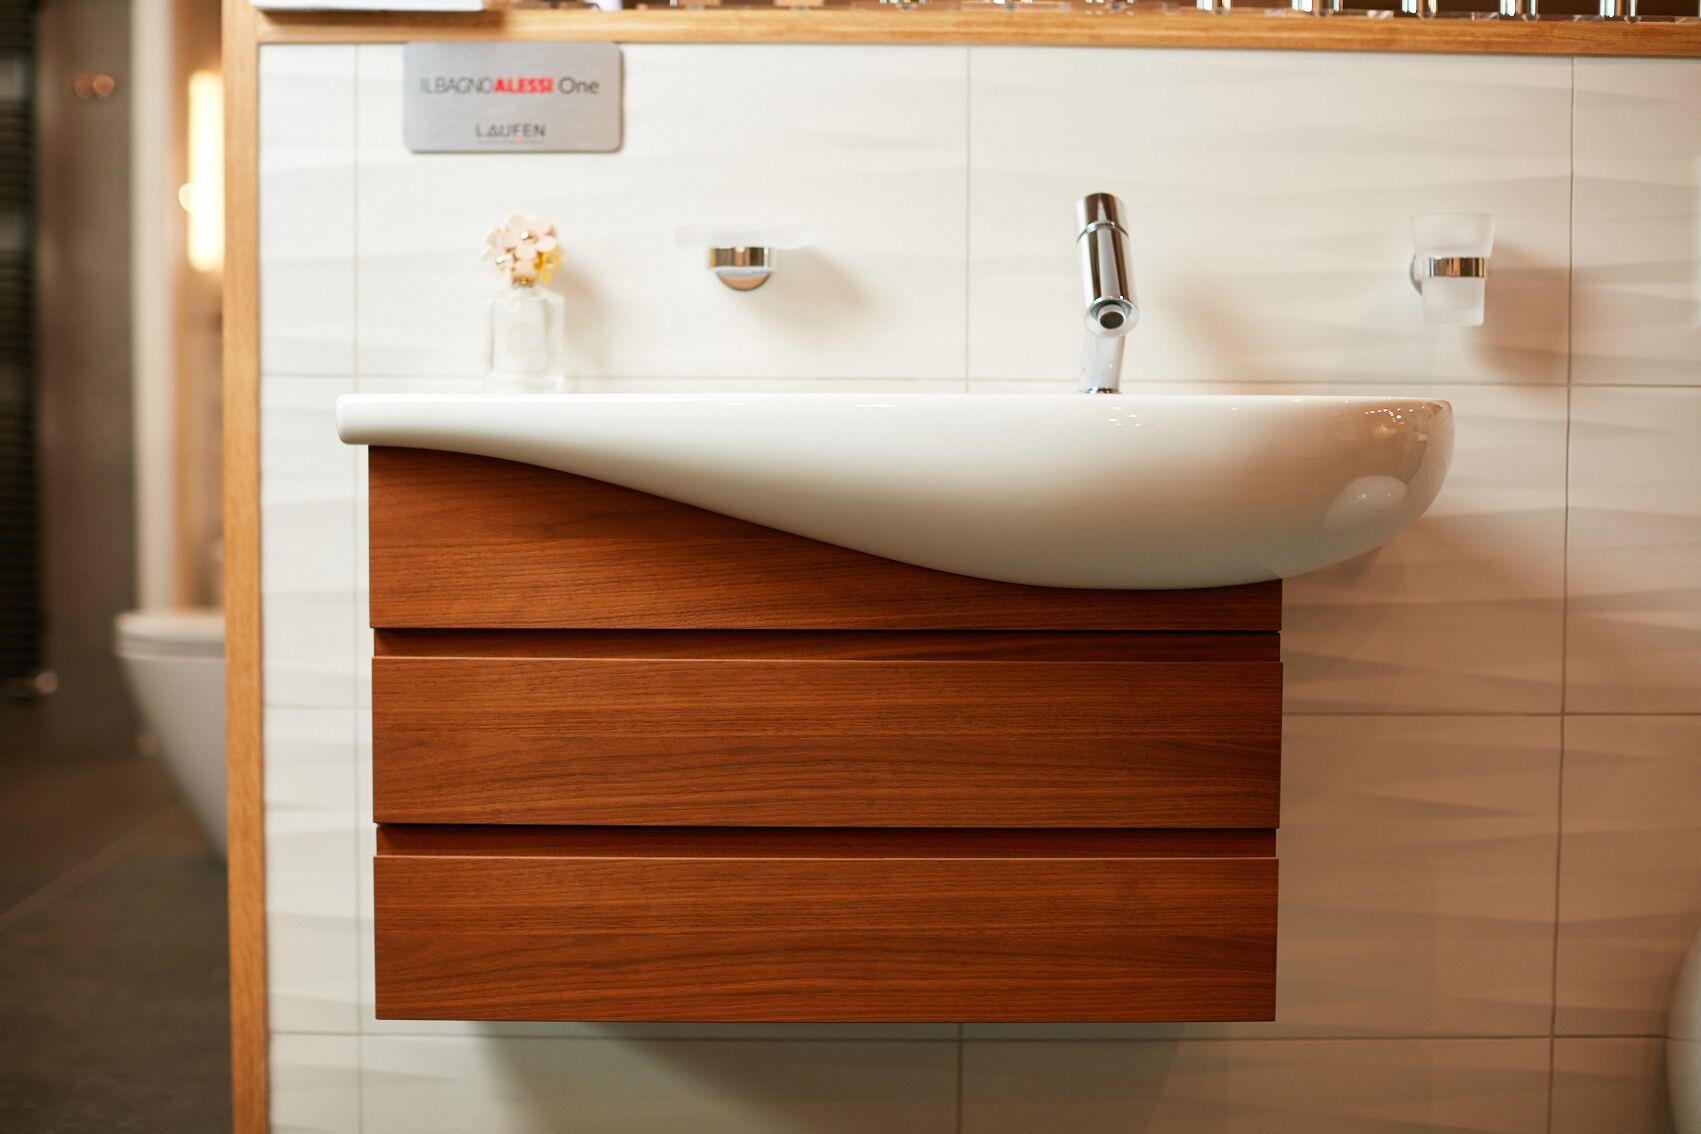 Bathroom Design Centre - Merritt & Fryers LTD